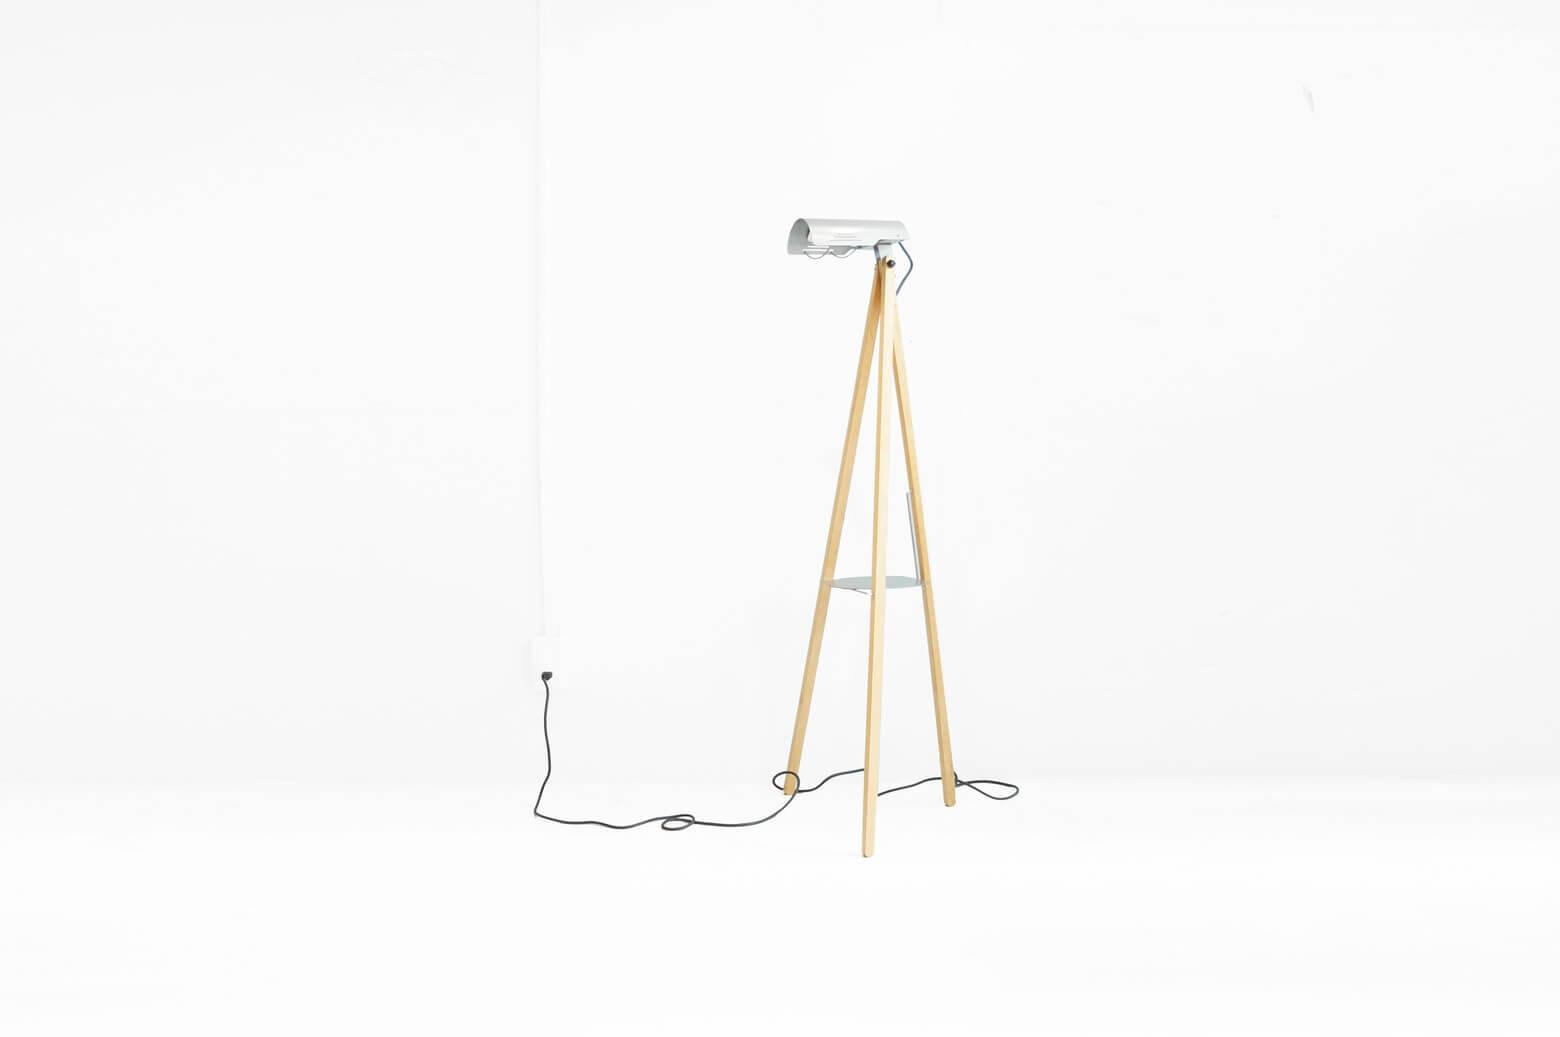 キャリーケースや折りたたみ傘などの雑貨が人気の北欧スウェーデンのブランド、イノベーター。 実は『スタンスチェア』という一脚の椅子からブランドの歴史が始まっており、家具や照明なども販売するインテリアデザインブランドとしてライフスタイルを提案しています。 こちらはカメラの三脚のようなユニークな三本脚のスタンドライト、trilite/トライライト。 ナチュラルなカラーの木の三脚とクールな印象のスチールという異素材を組み合わせたスタイリッシュな佇まいのスタンドライトです。 三脚はなんと折りたたみができるので、使わないときはたたんで収納しておくことができます。 また、シェードは上下に角度を調節することができるので便利ですね。 細かなスレやキズがございます。 プラスチックのシート状のシェードのパーツが欠品していますが、問題なくお使いいただけると思います。 折りたたみができるスタンドライトって、なかなかないですよね。 さらに、三脚の中心部分には物を置けるようなスペースもあるので、スタンドライト兼簡易的なサイドテーブルのようにもお使いいただけるんです。 狭いお部屋でも無駄なくスペースを使うことができますよ♪ ~【東京都杉並区阿佐ヶ谷北アンティークショップ 古一】 古一/ふるいちでは出張無料買取も行っております。杉並区周辺はもちろん、世田谷区・目黒区・武蔵野市・新宿区等の東京近郊のお見積もりも!ビンテージ家具・インテリア雑貨・ランプ・USED品・ リサイクルなら古一/フルイチへ~